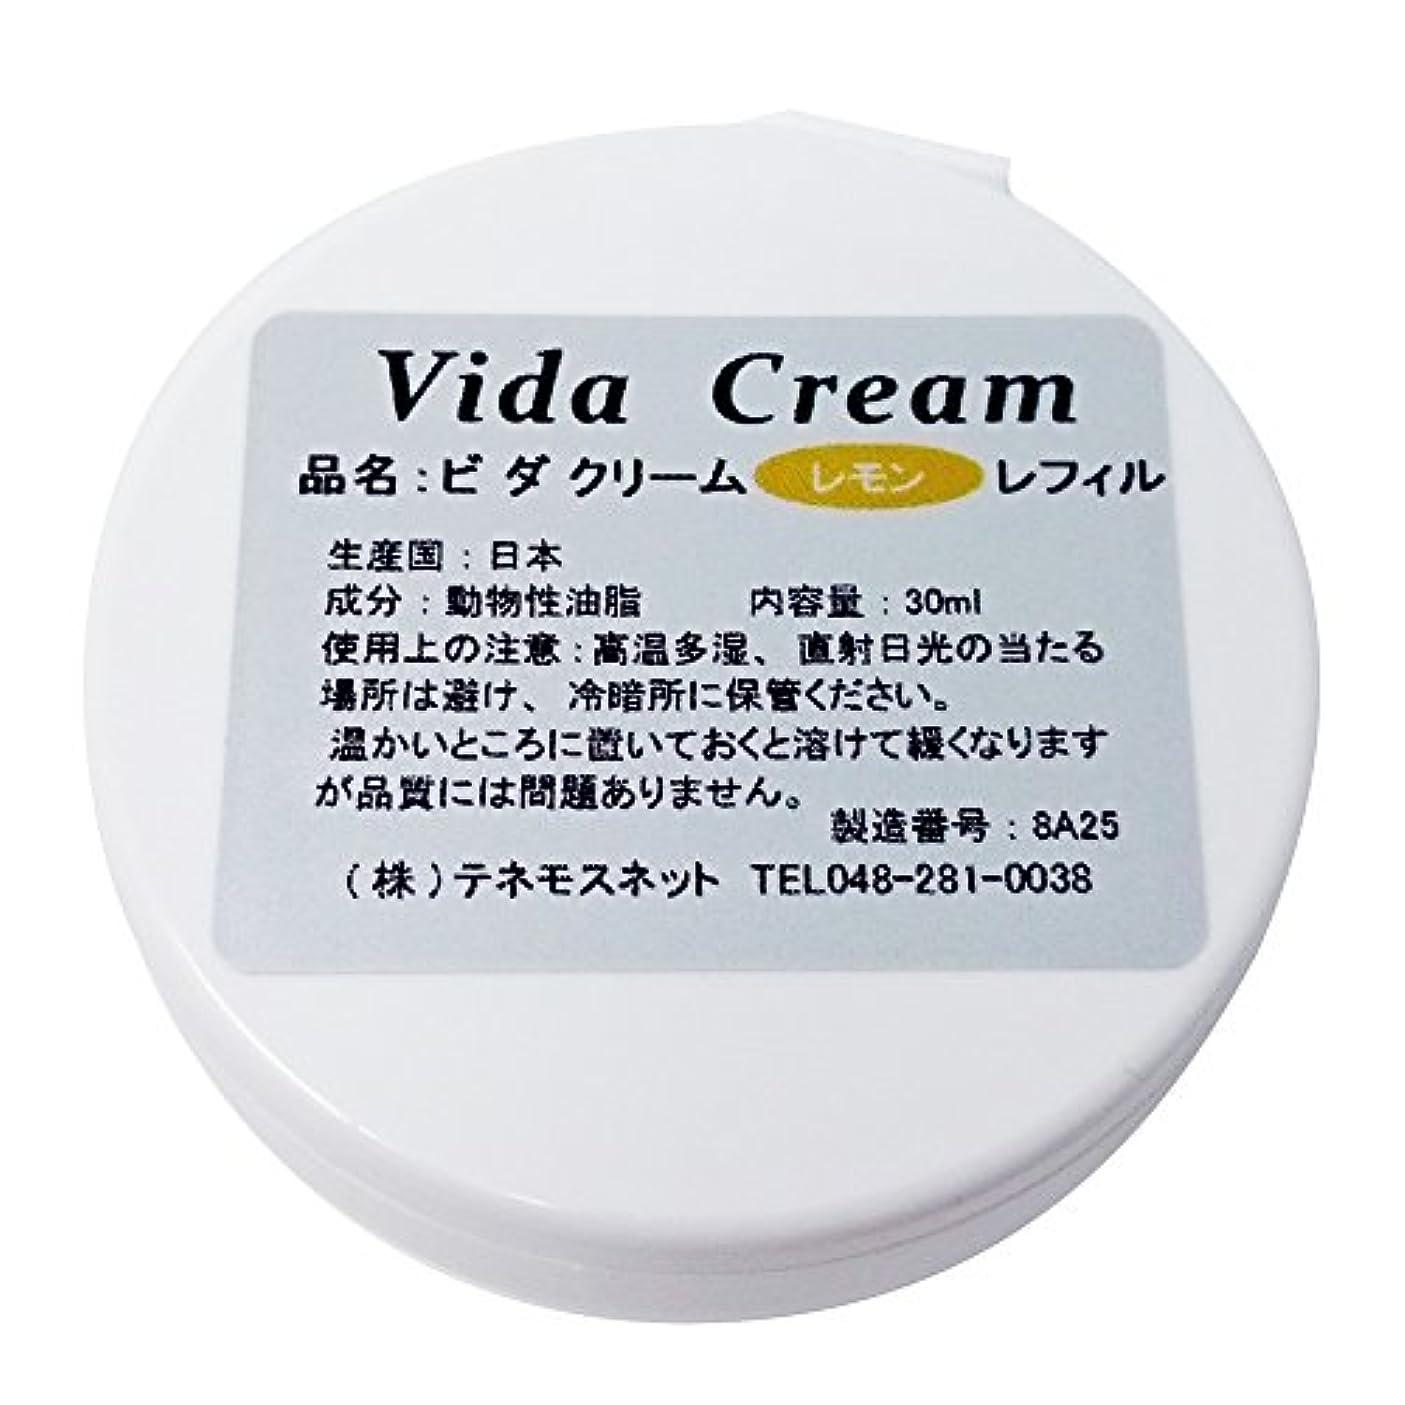 ストレス剪断申し込むテネモス ビダクリーム Vida Cream ほのかレモン レフィル 付替用 30ml